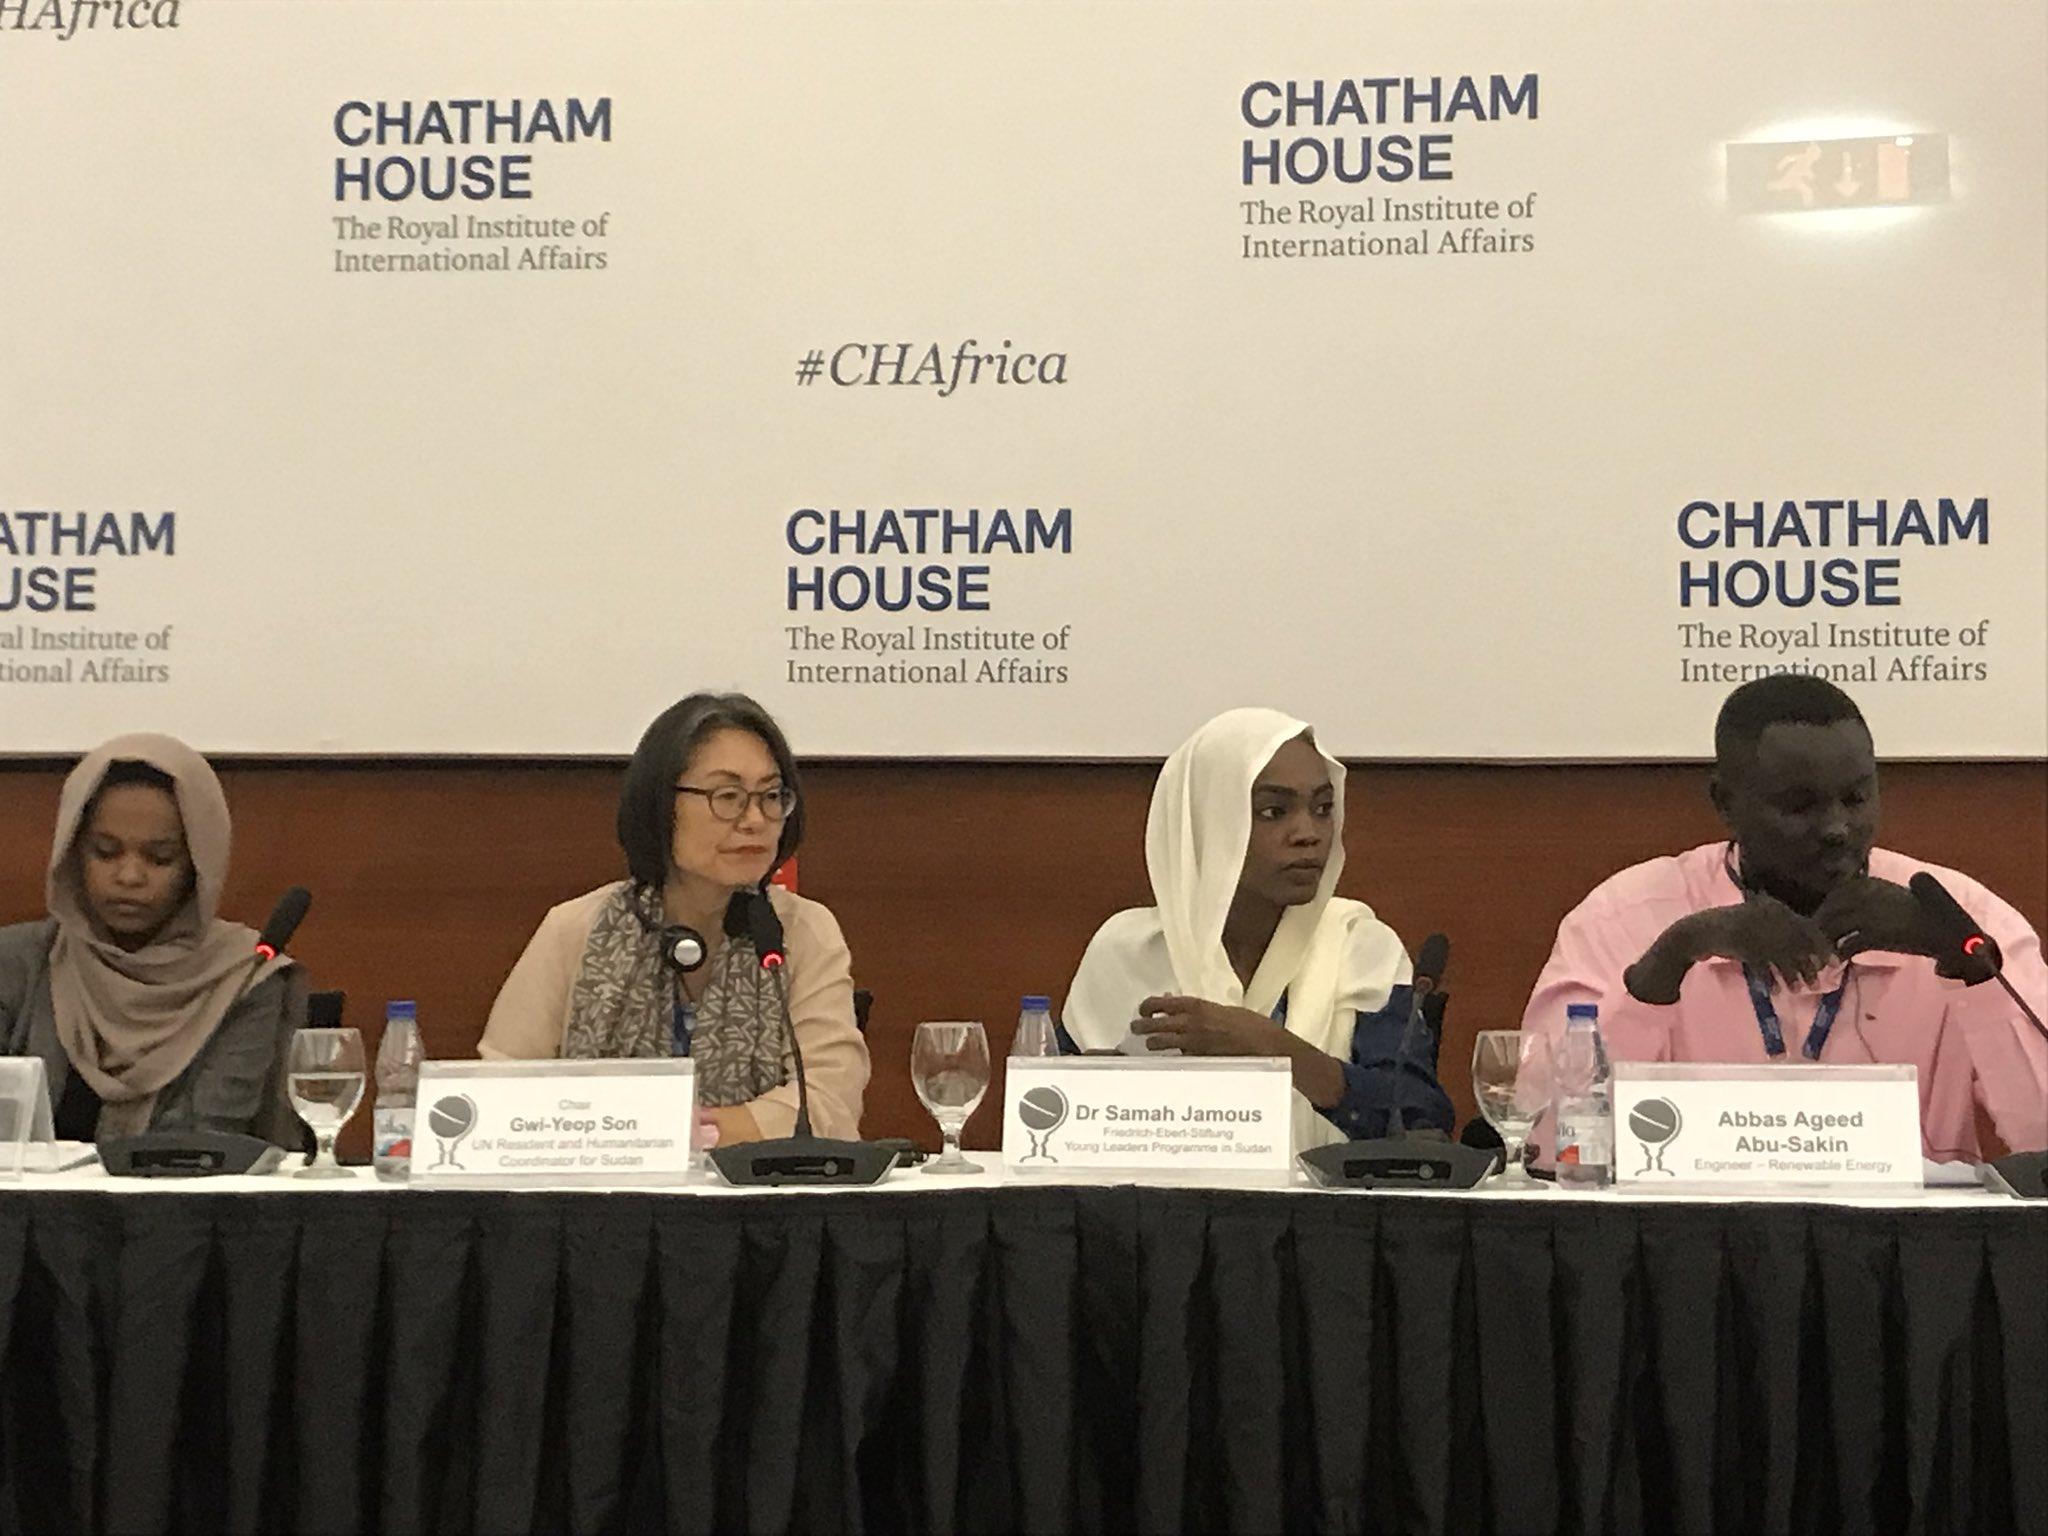 في مؤتمر لـ(تشاتام هاوس) بالخرطوم اقتصاد السودان.. البحث عن طوق نجاة